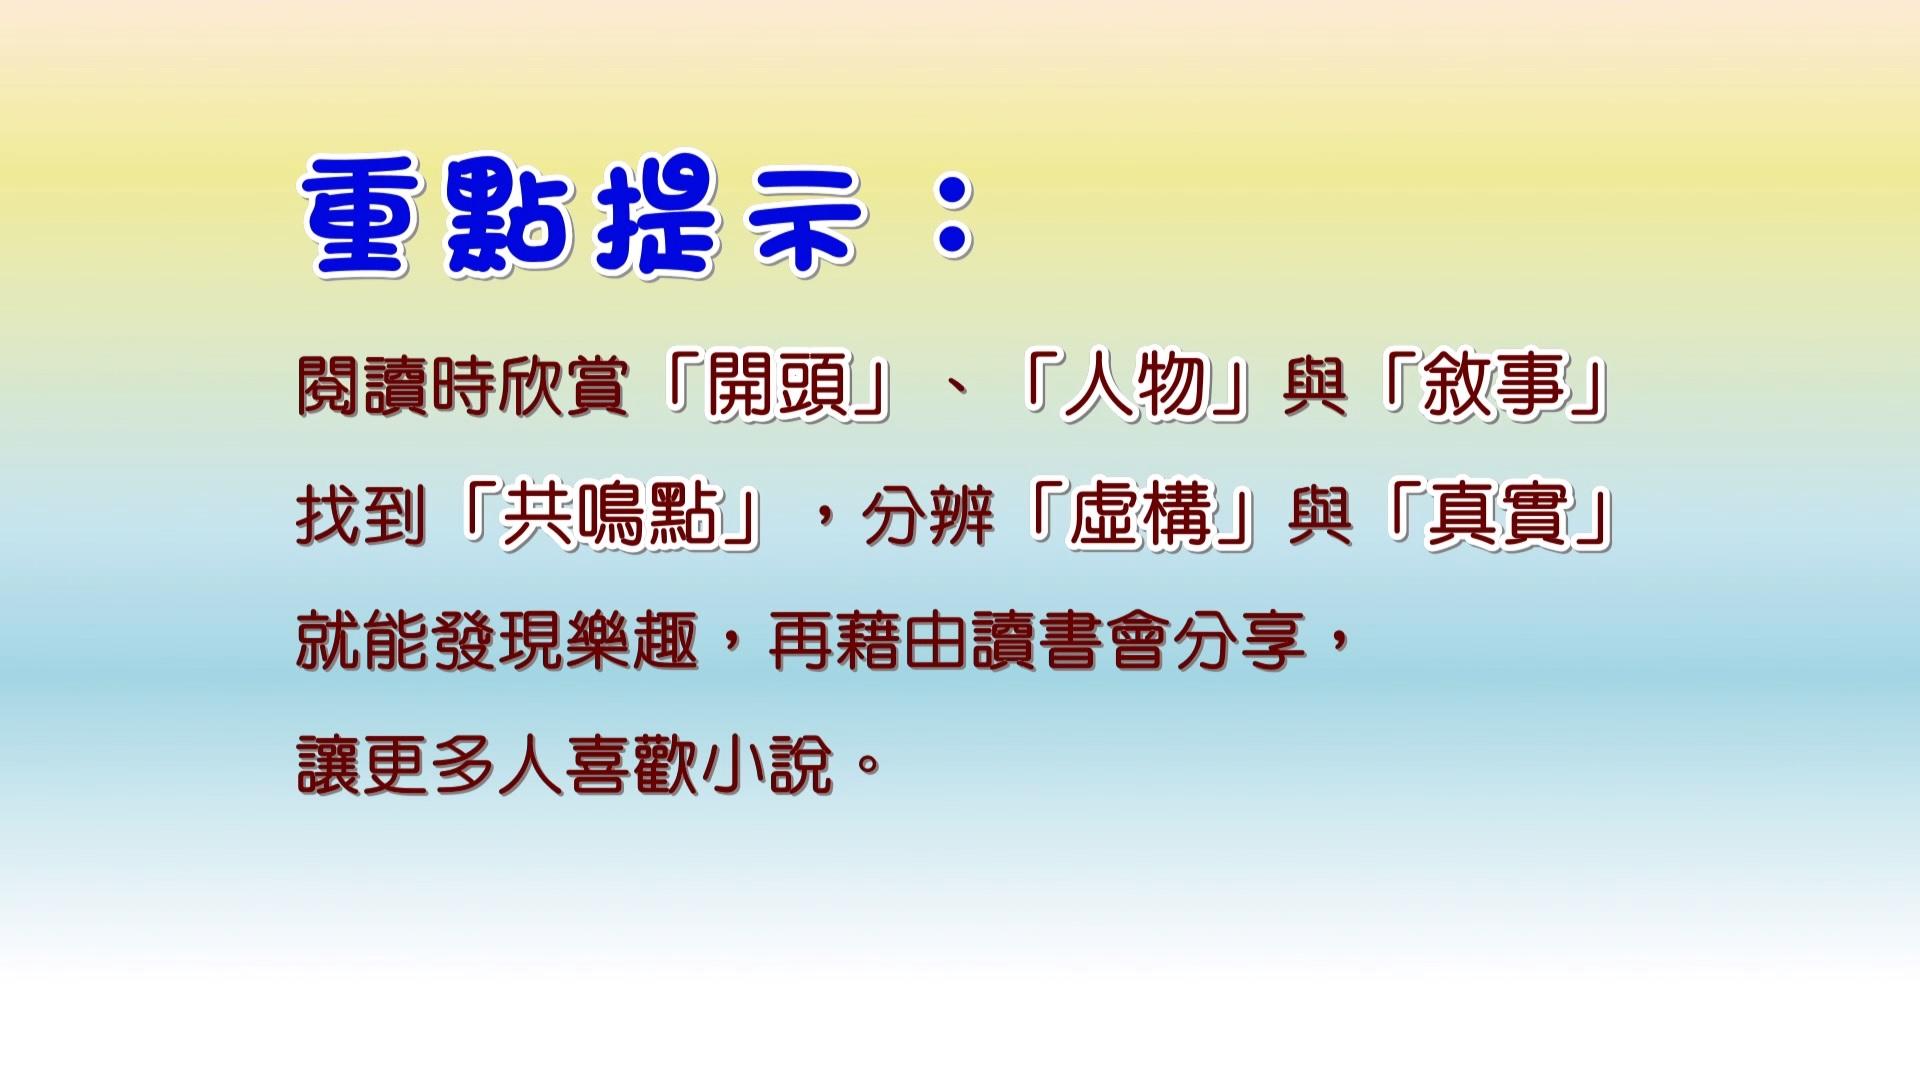 閱讀小說樂趣多_1